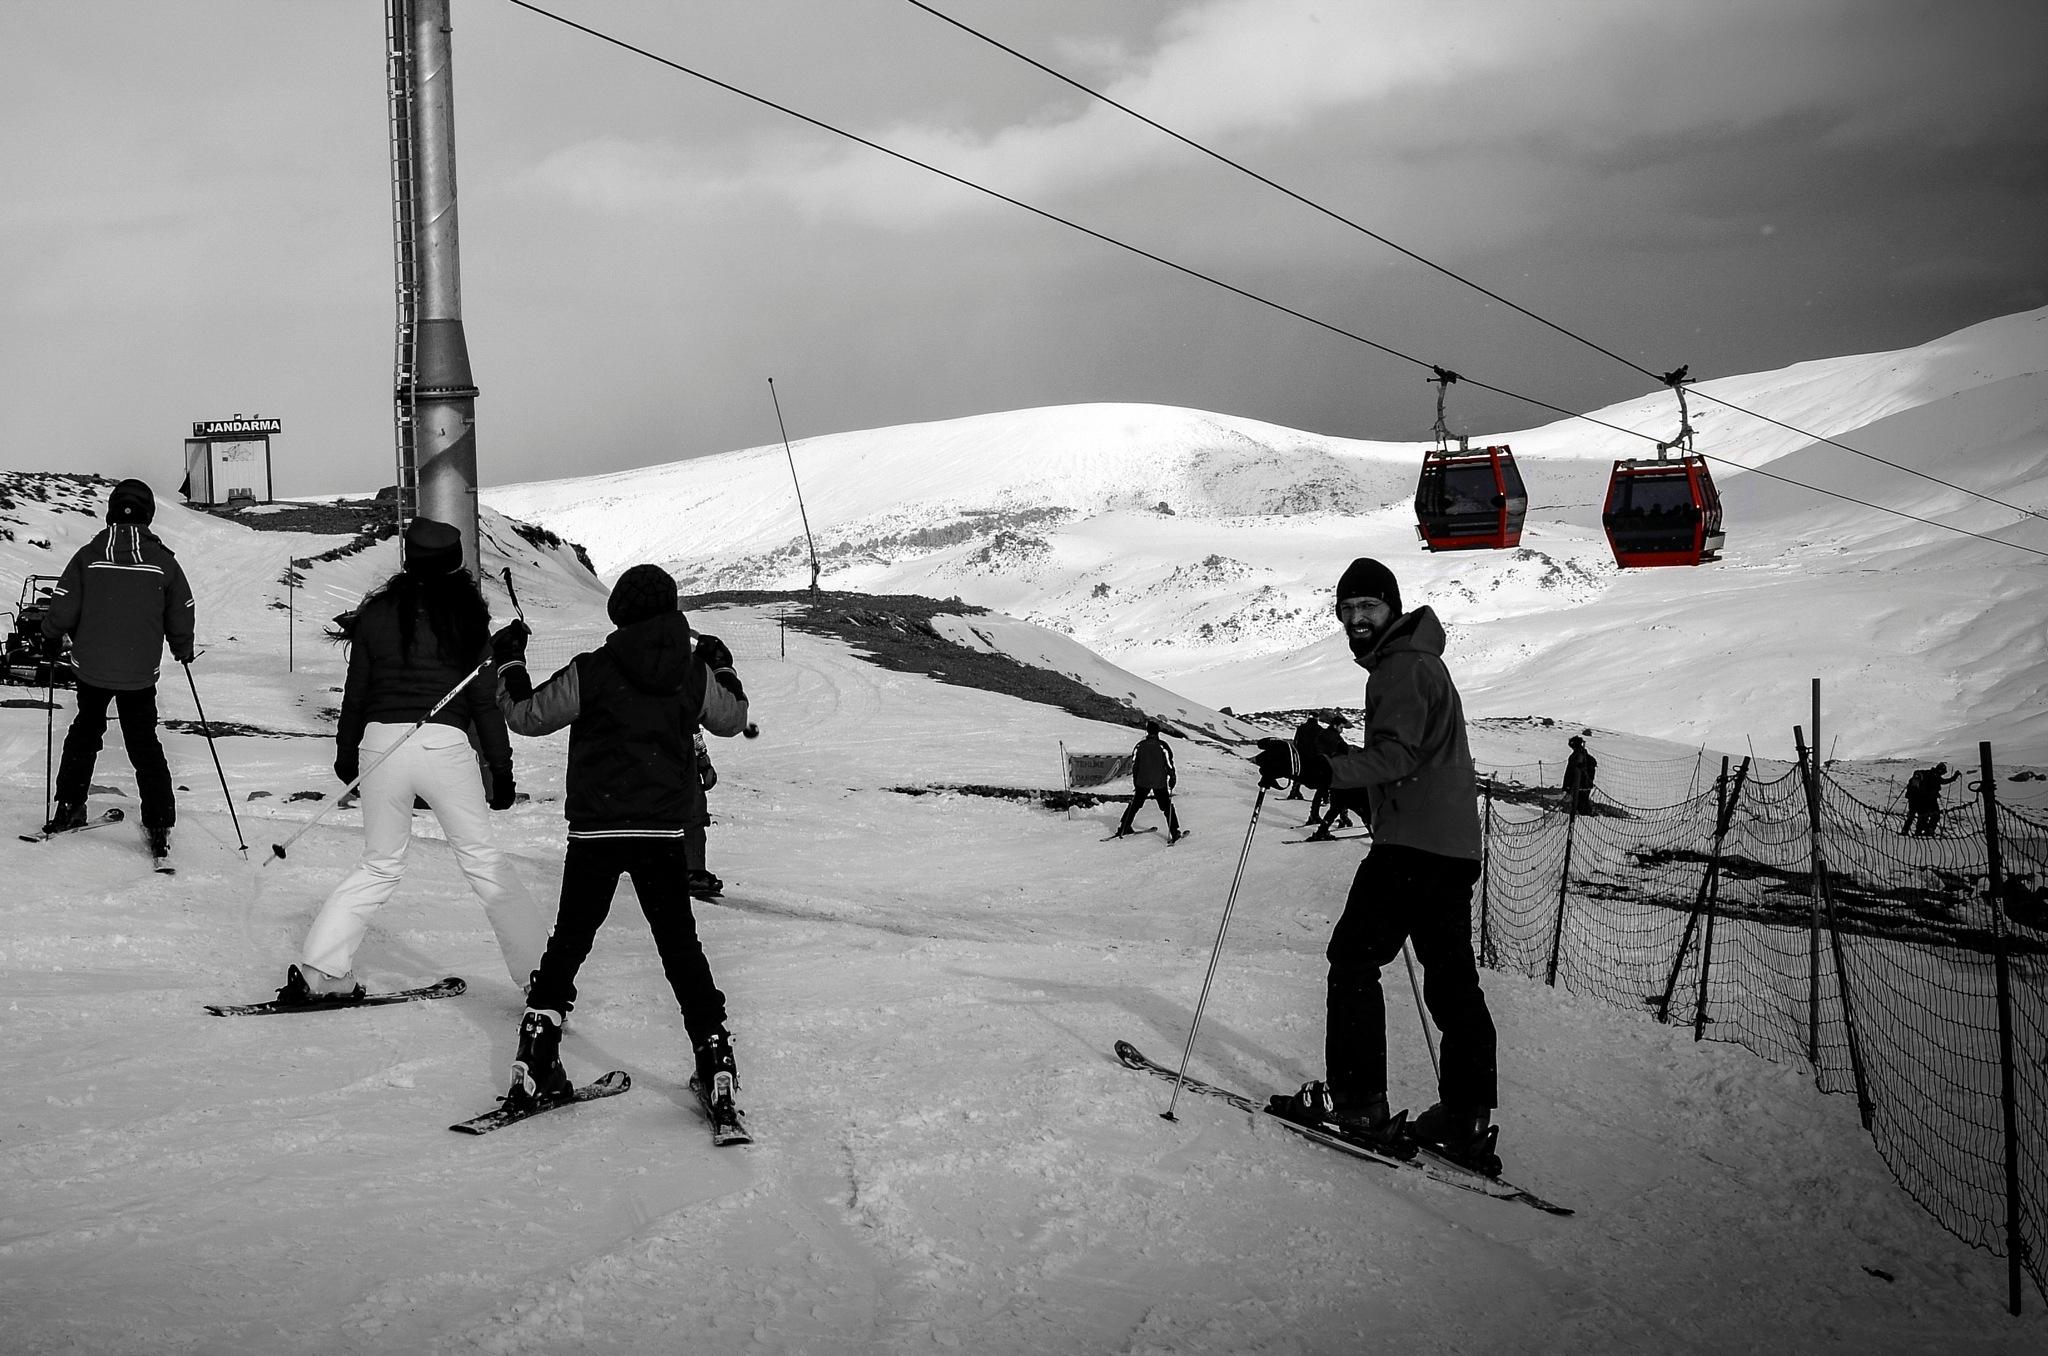 snowboarding by Emel Seckin